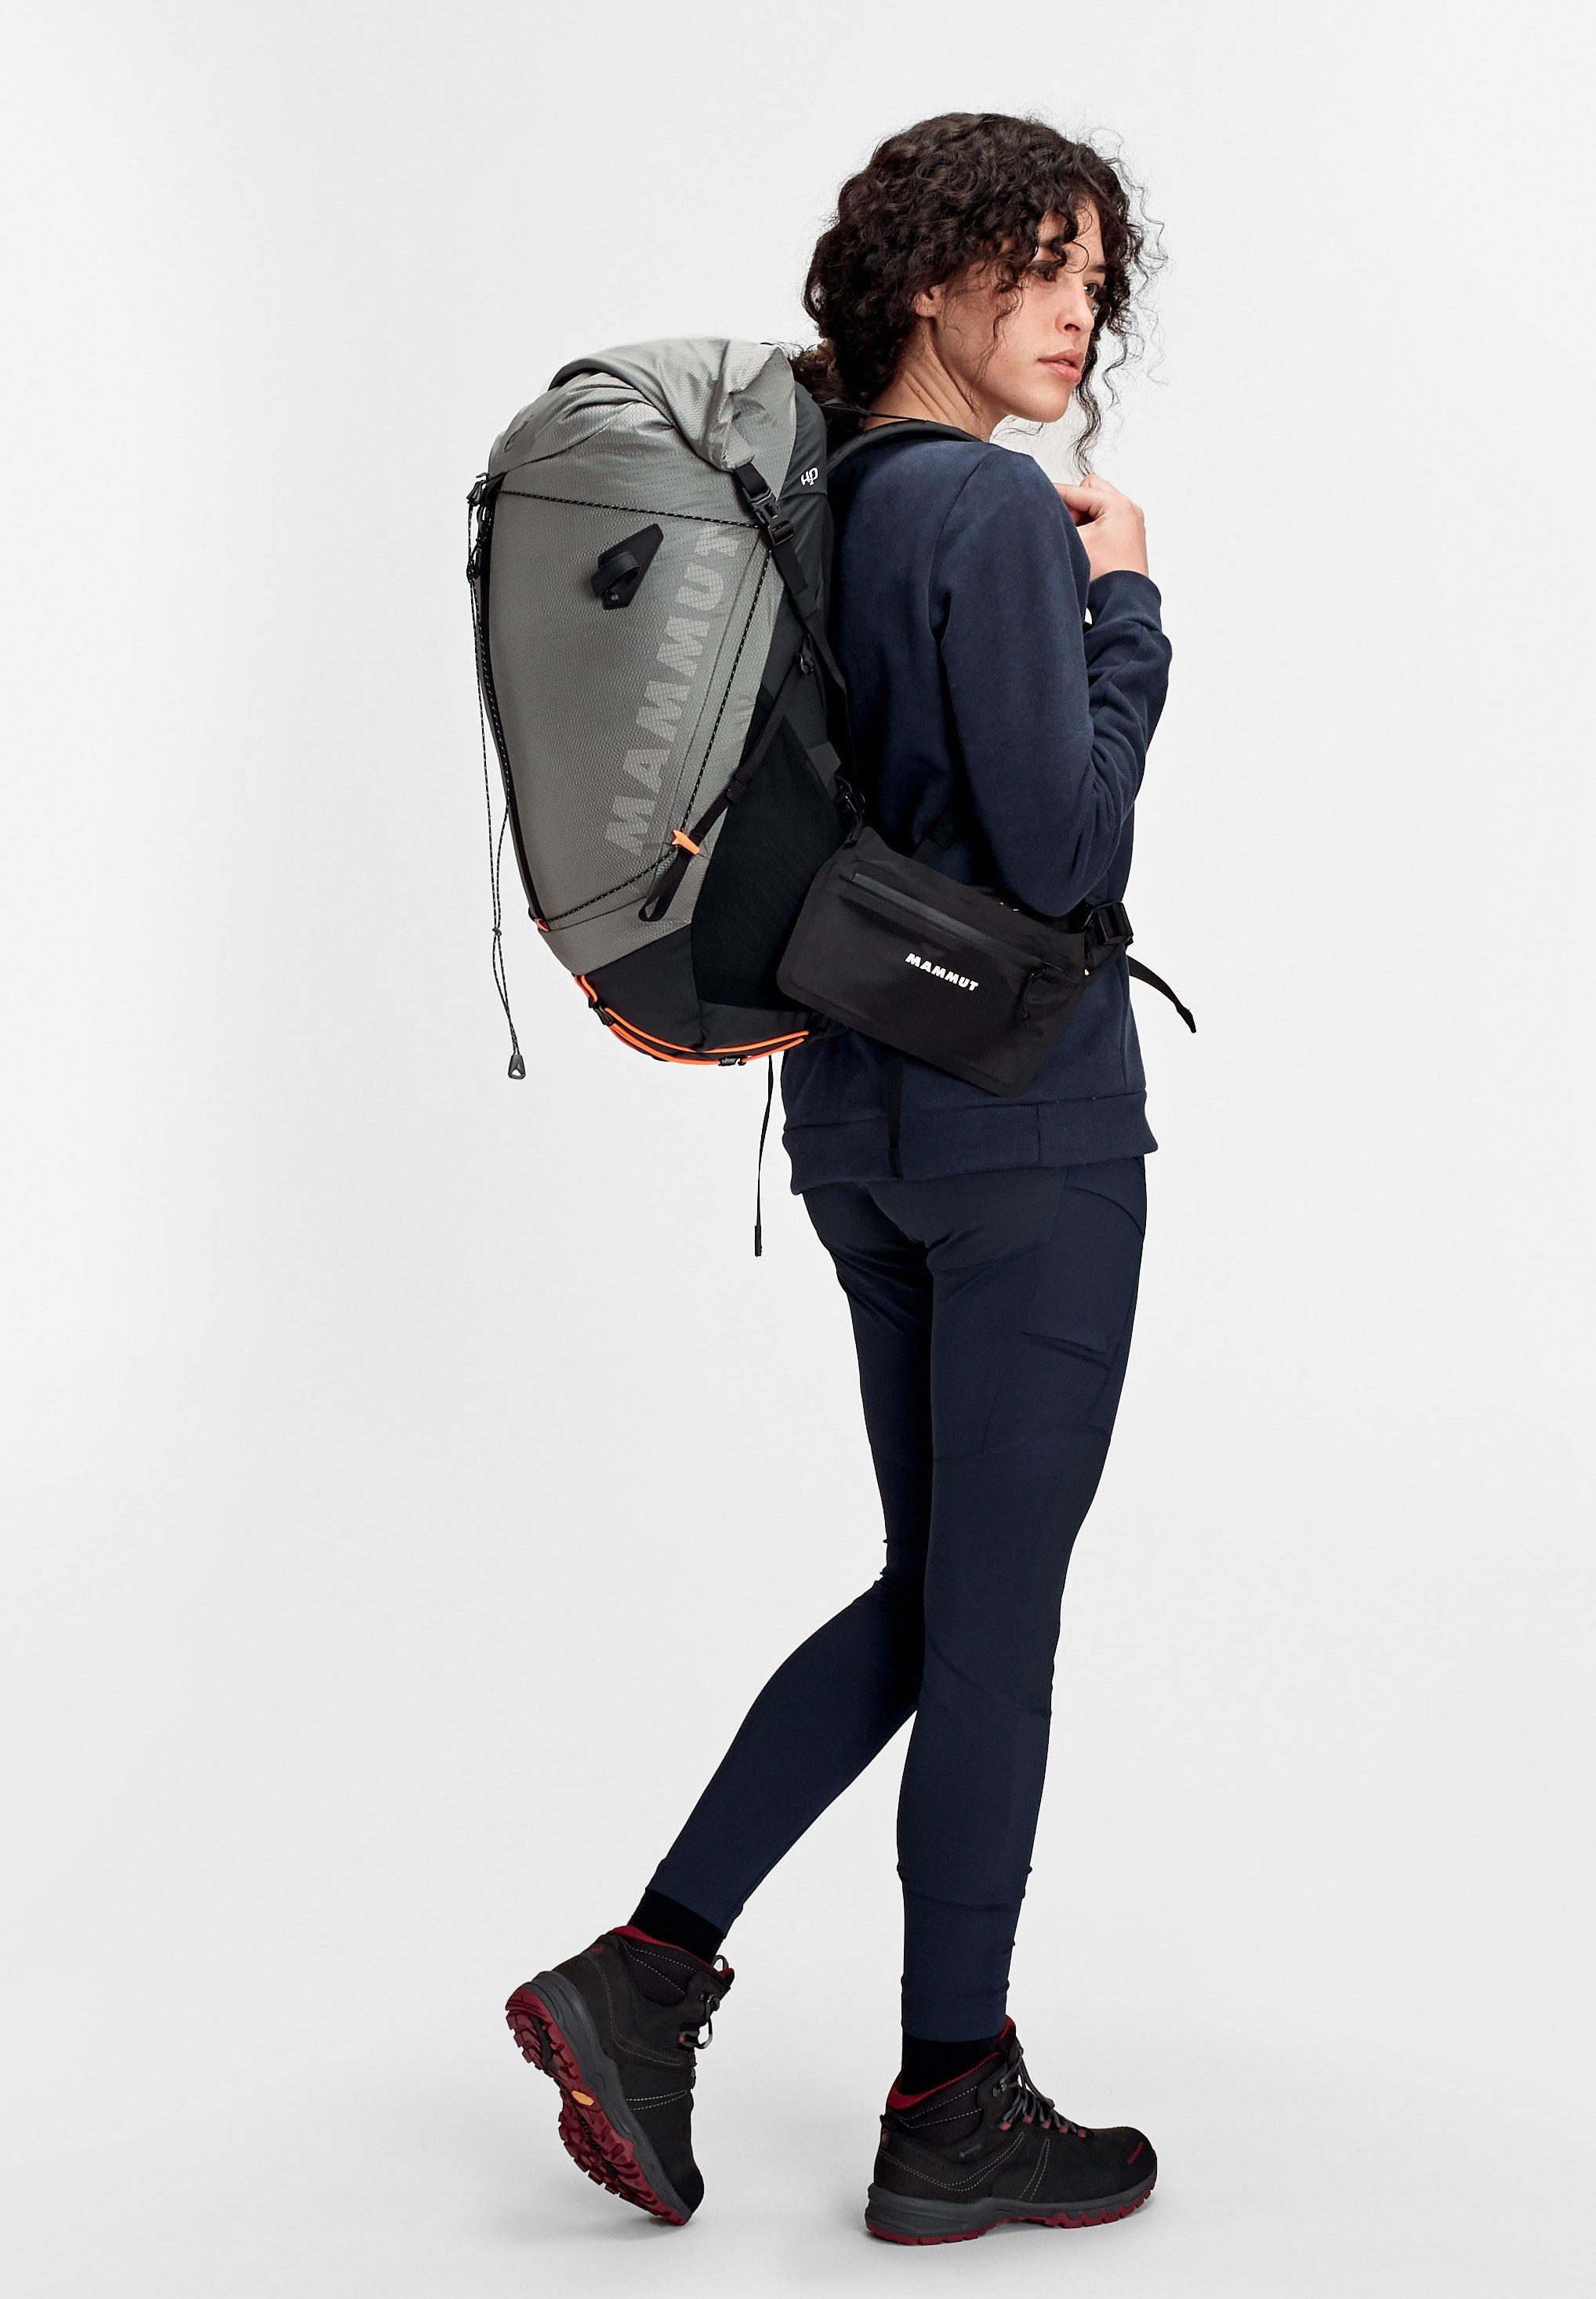 Femme DUCAN SPINE - Sac de trekking